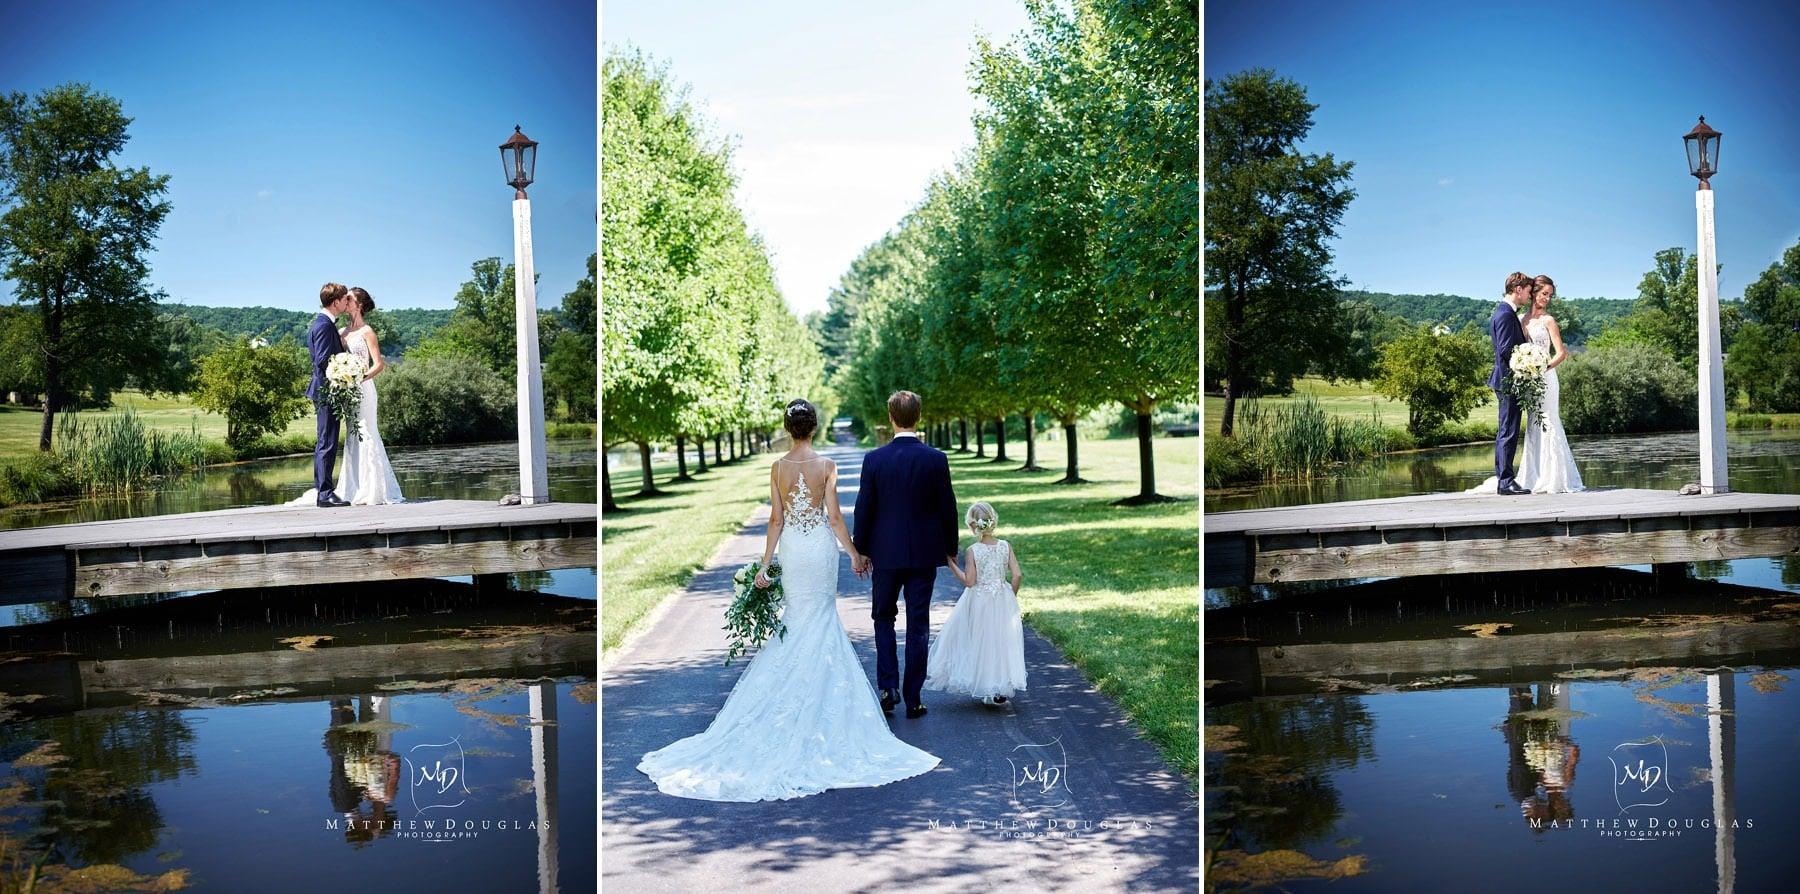 wedding photos on a working farm